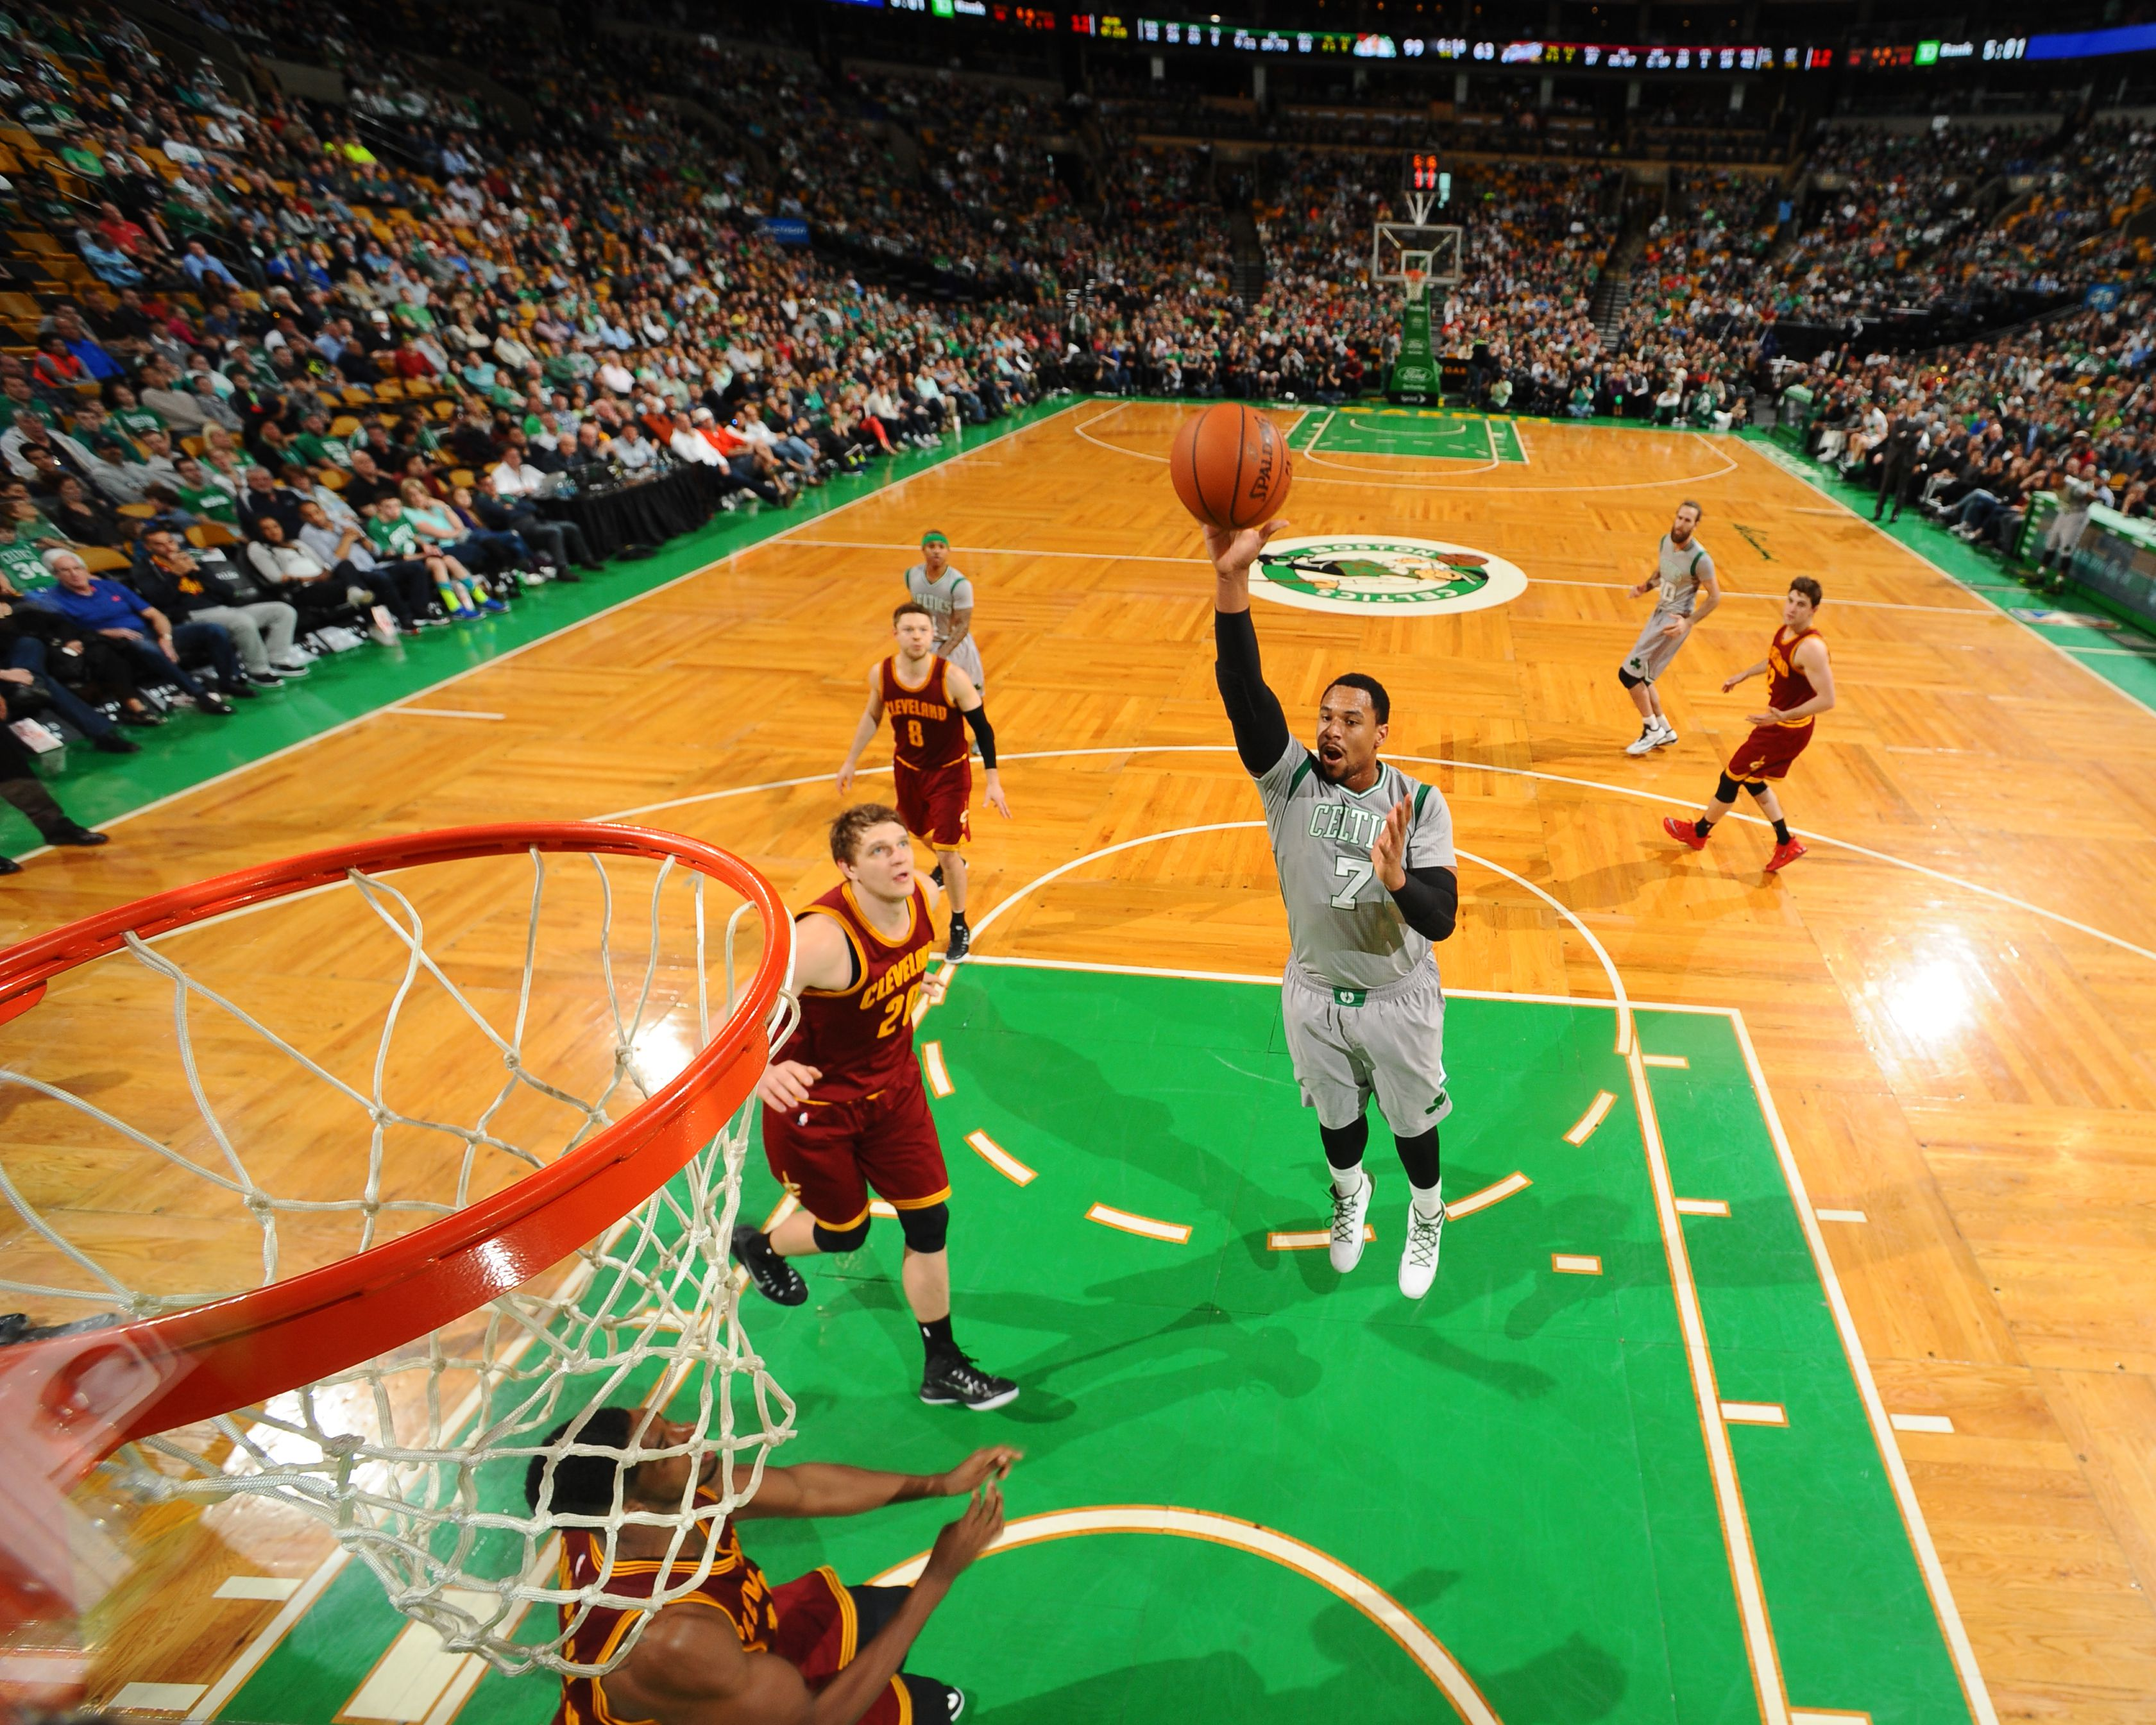 Celtics14 56a8f0905f9b58b7d0f